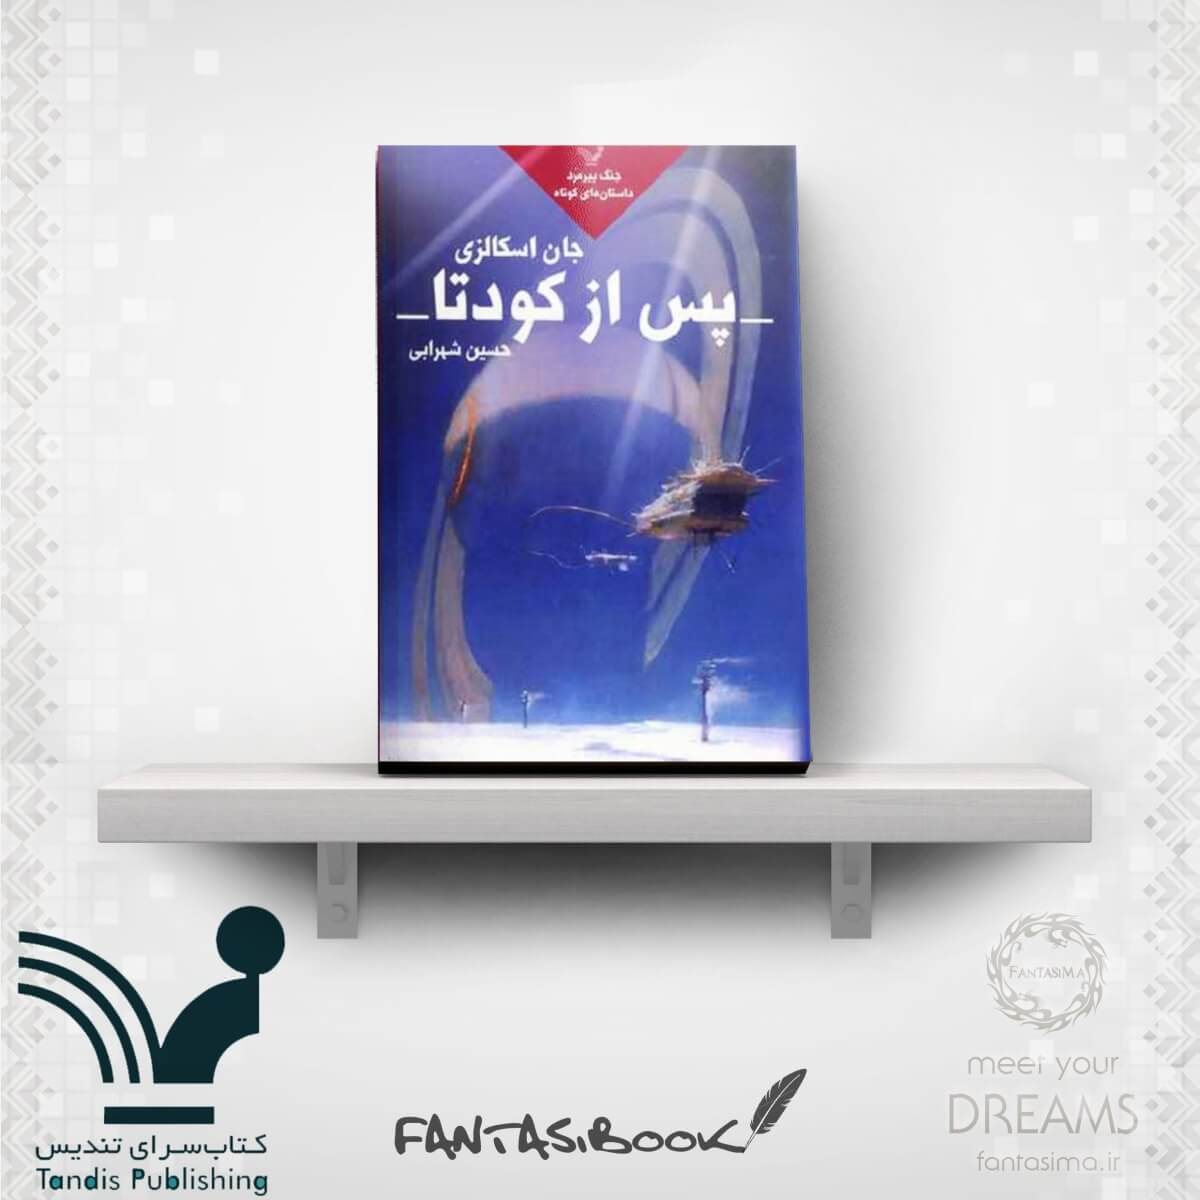 کتاب جنگ پیرمرد - جلد 5 - پس از کودتا